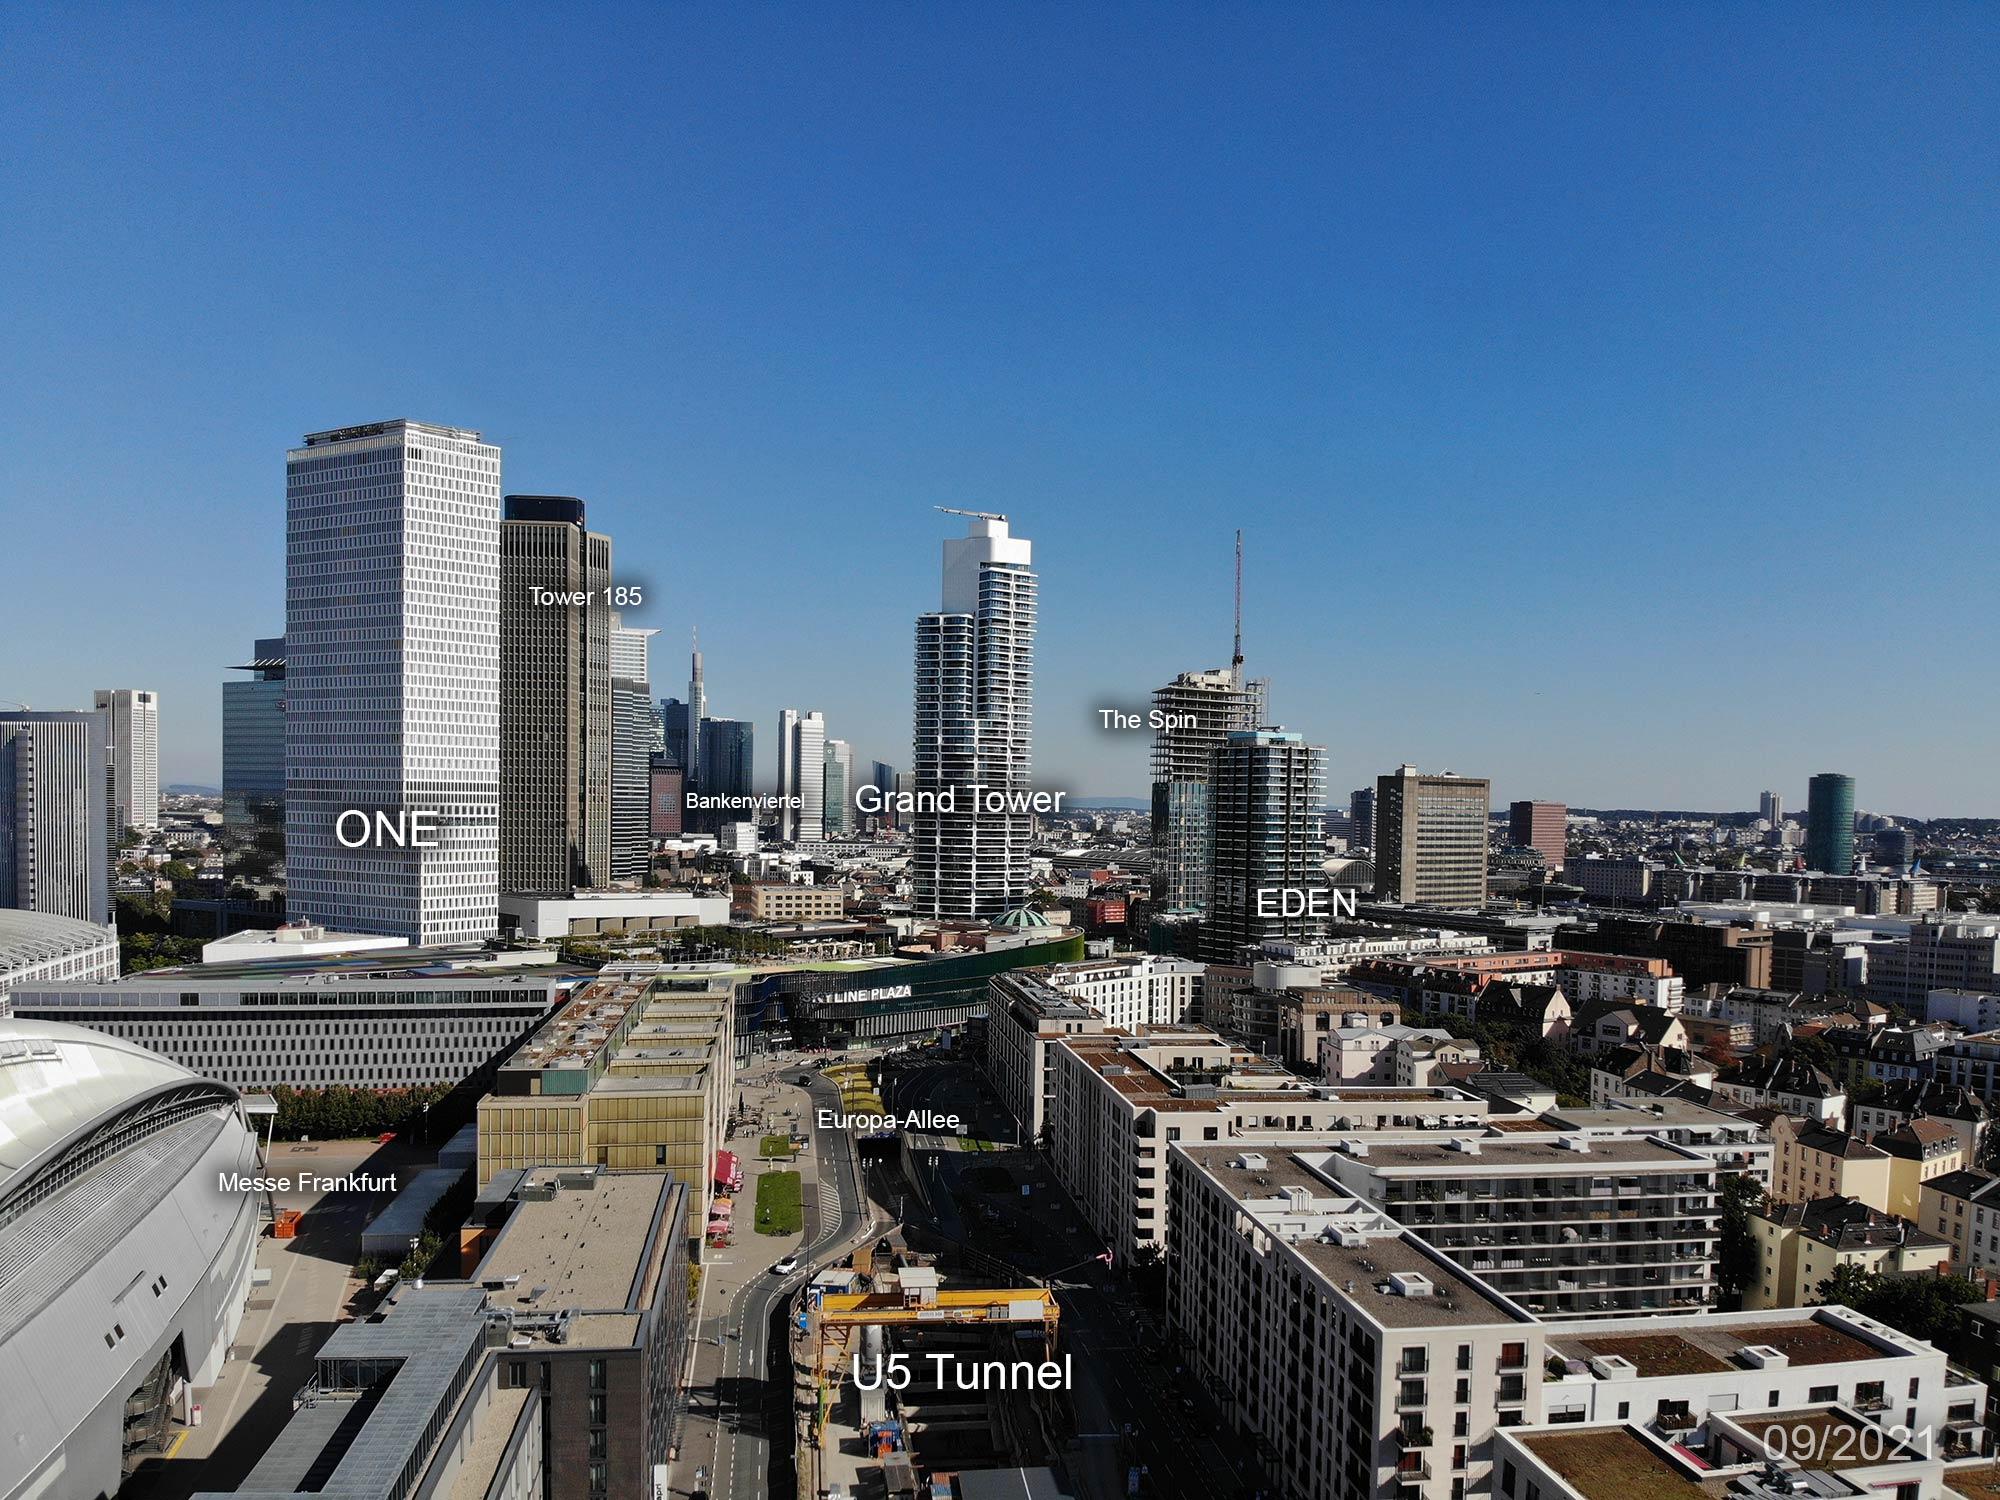 Europaviertel Frankfurt - Europa-Viertel FFM - Panorama - Luftaufnahme - Baustellen - U5 Ubahn - Europa Allee FFM - September 2021 - Grand Tower - ONE - The Spin - EDEN - Skyline Plaza